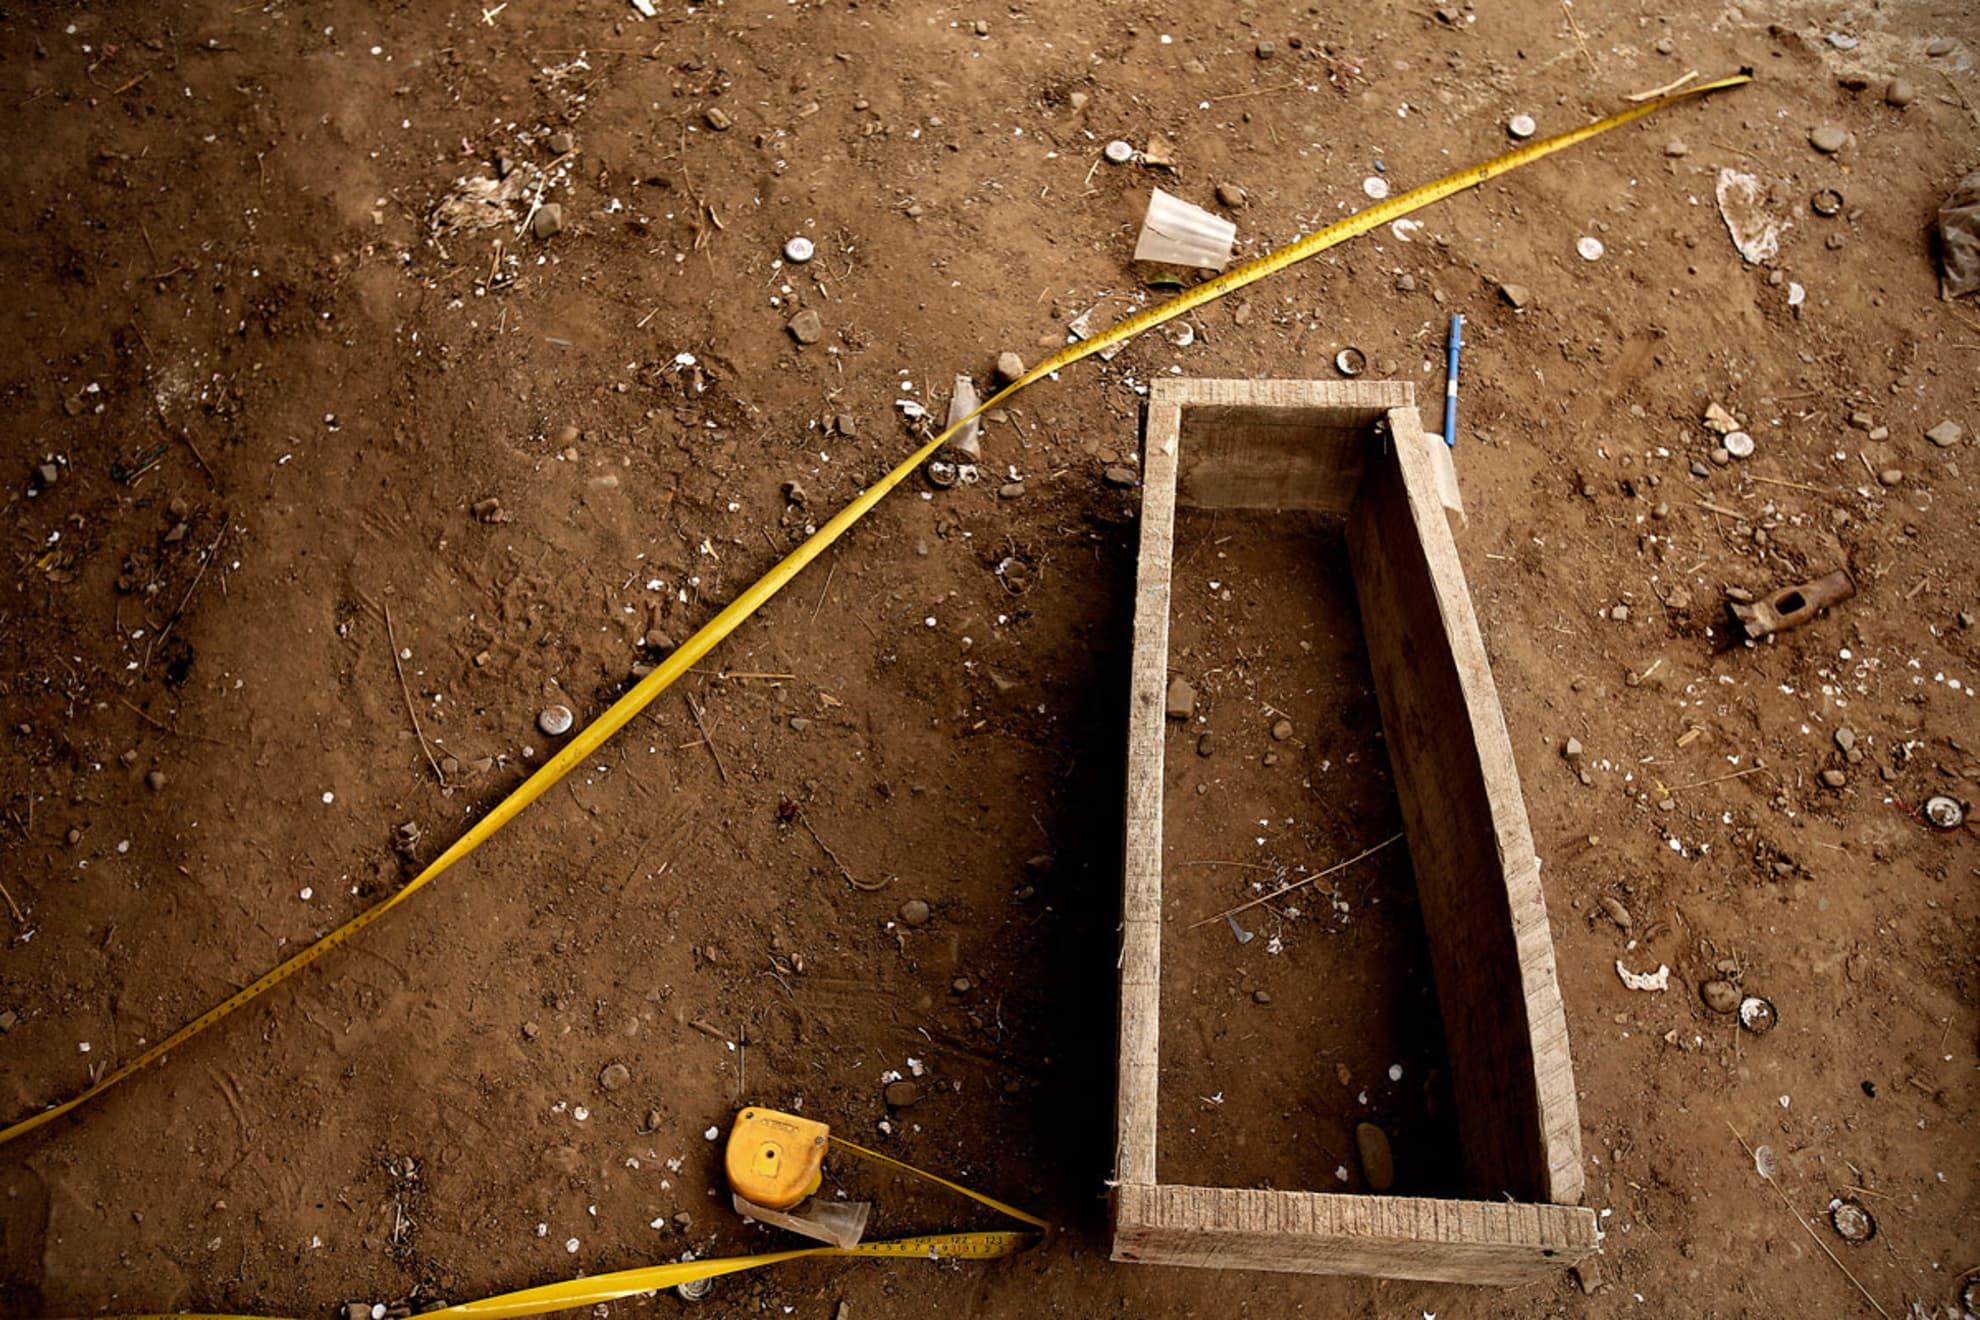 Ataúd a medio construir por Isidro Guachalla, de 60 años de edad, para el bebe de Andrea Paris Mamani, de 45 años de edad, que nació muerto en el Hospital de Patacamaya. Isidro Guachalla es vecino de la madre Andrea Paris Mamani. Localidad de Belén Iquiaca,